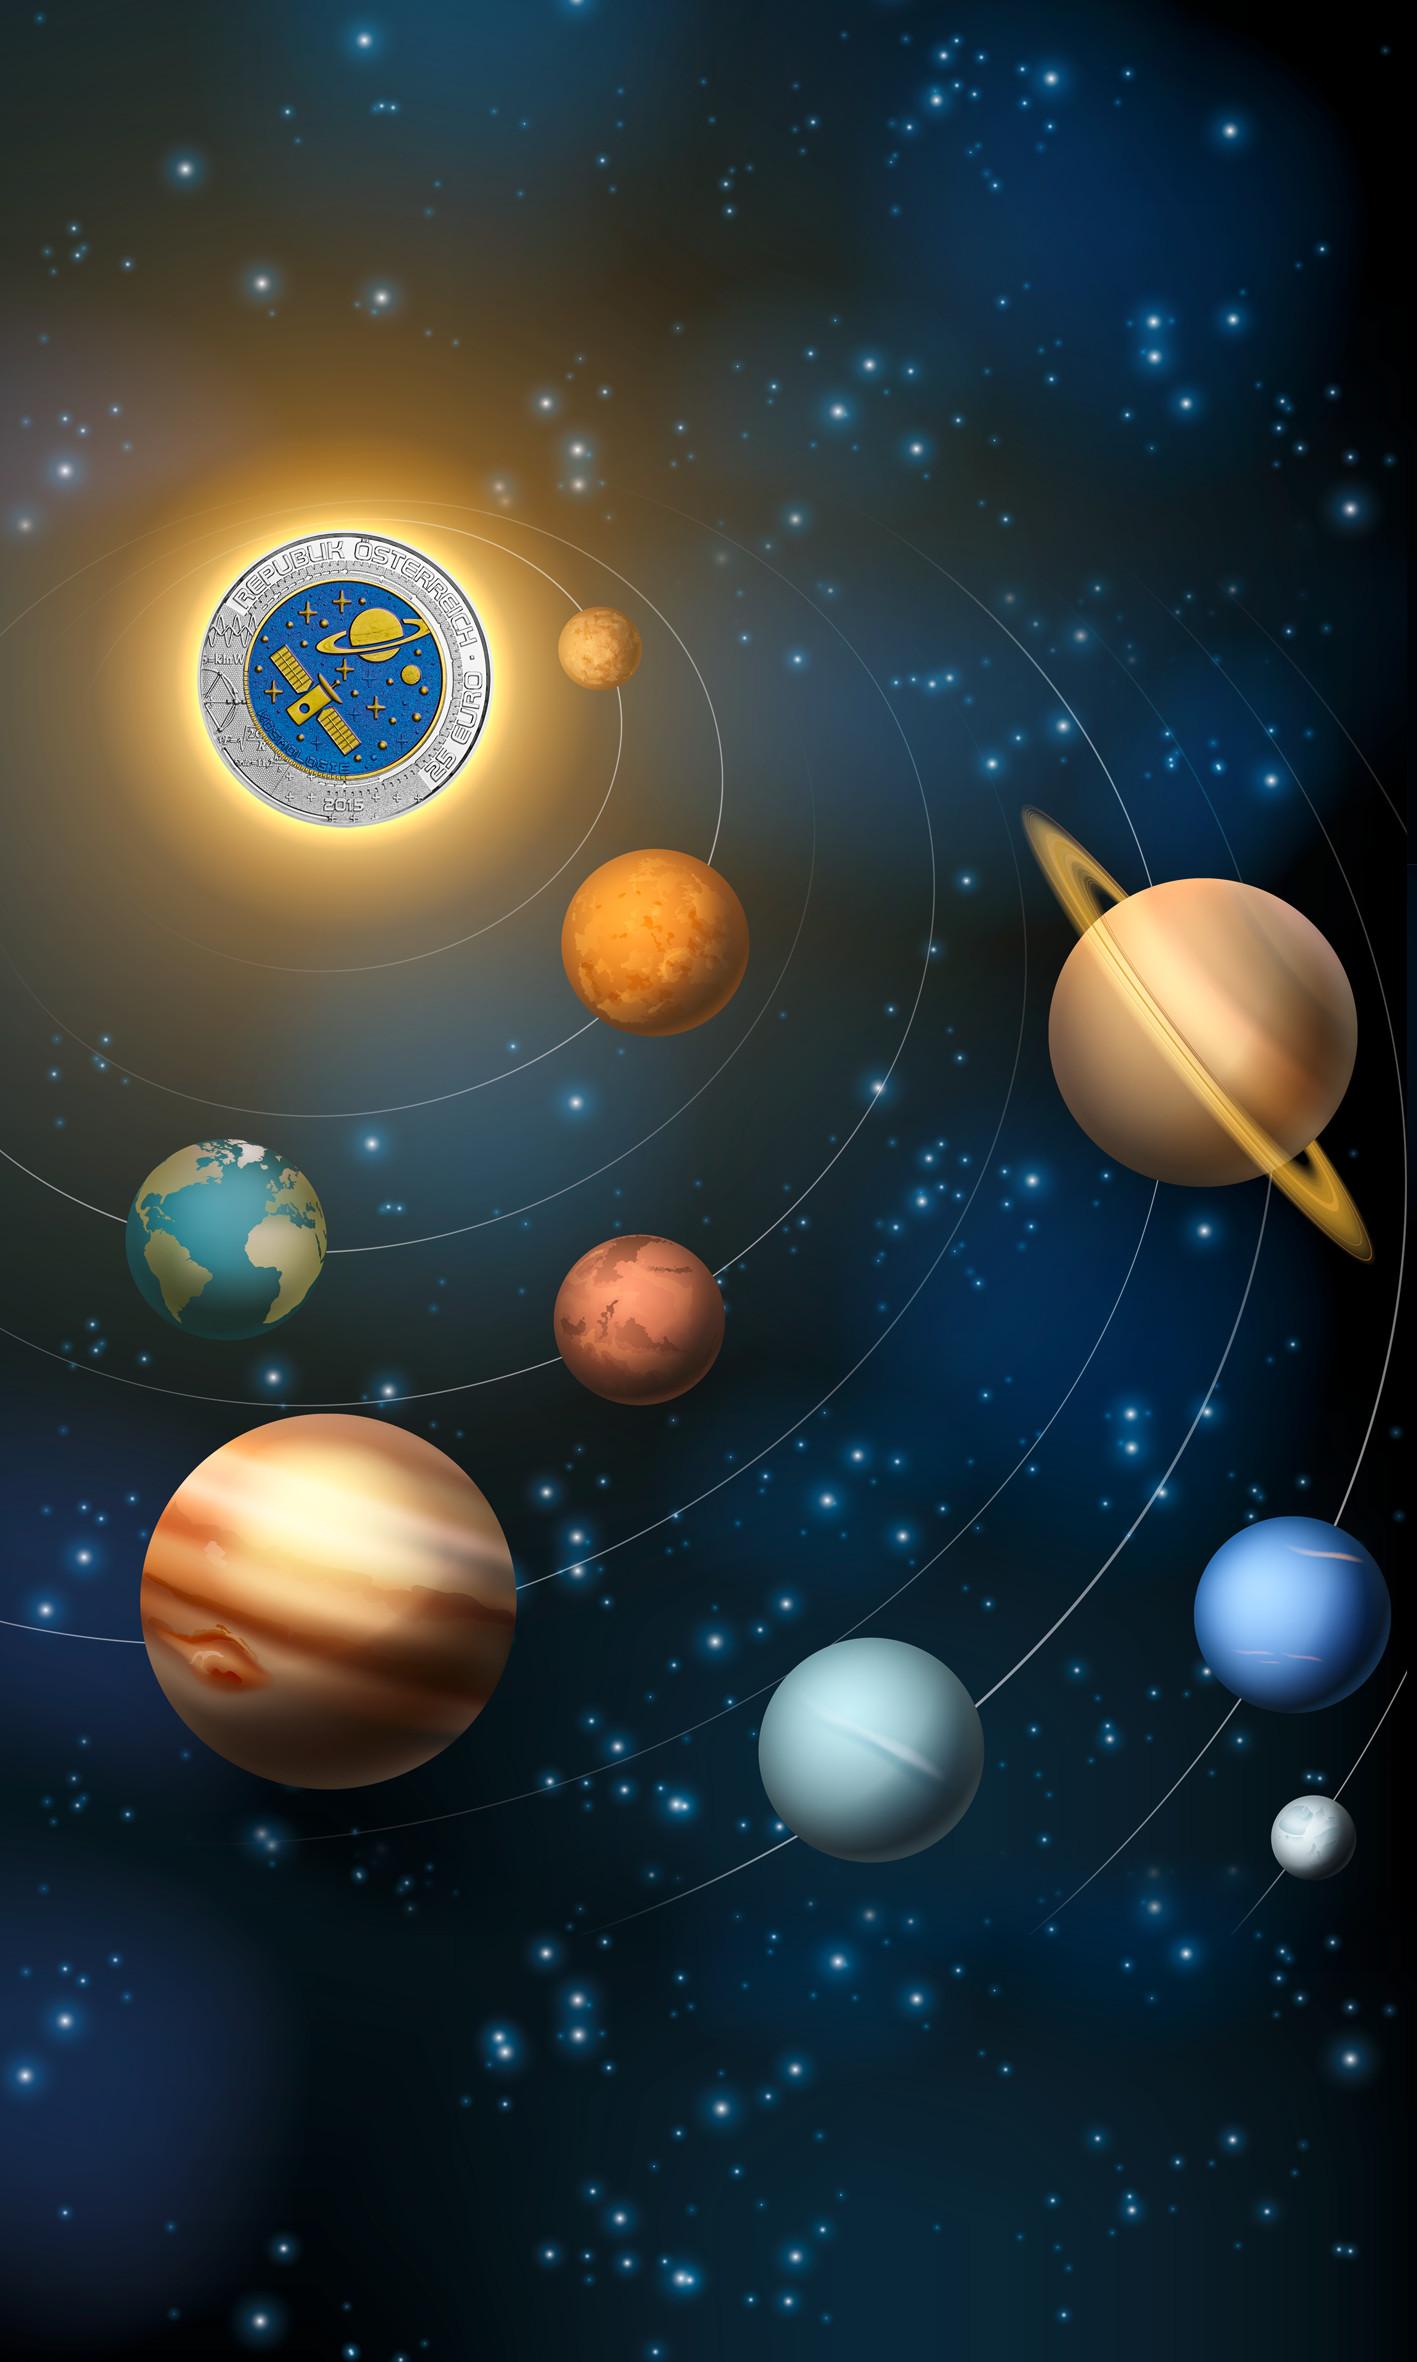 Münze österreich Präsentiert Kosmologie Die Niob Münze 2015